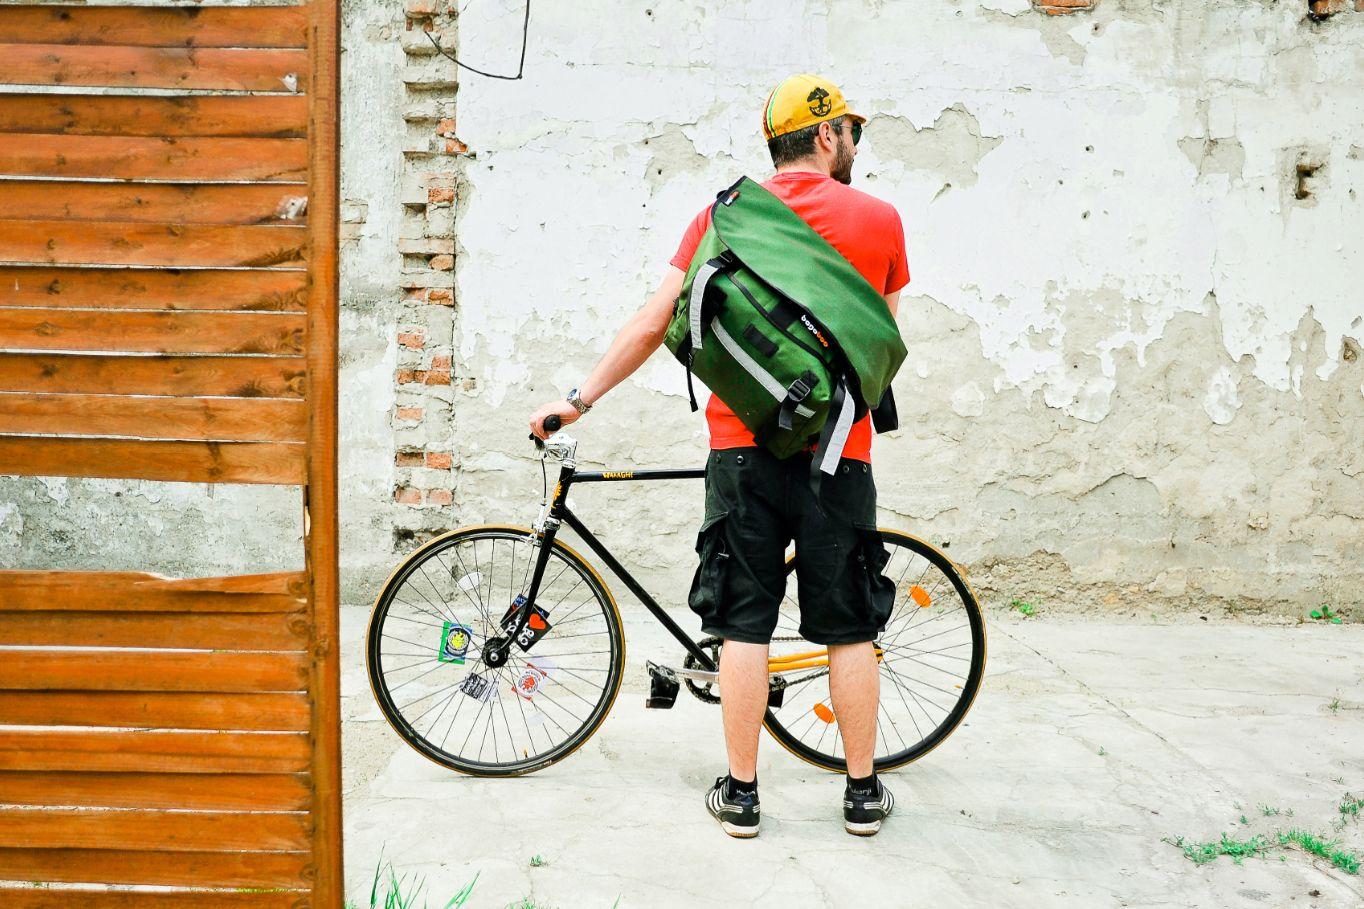 Fahrradzubehör / Bagaboo